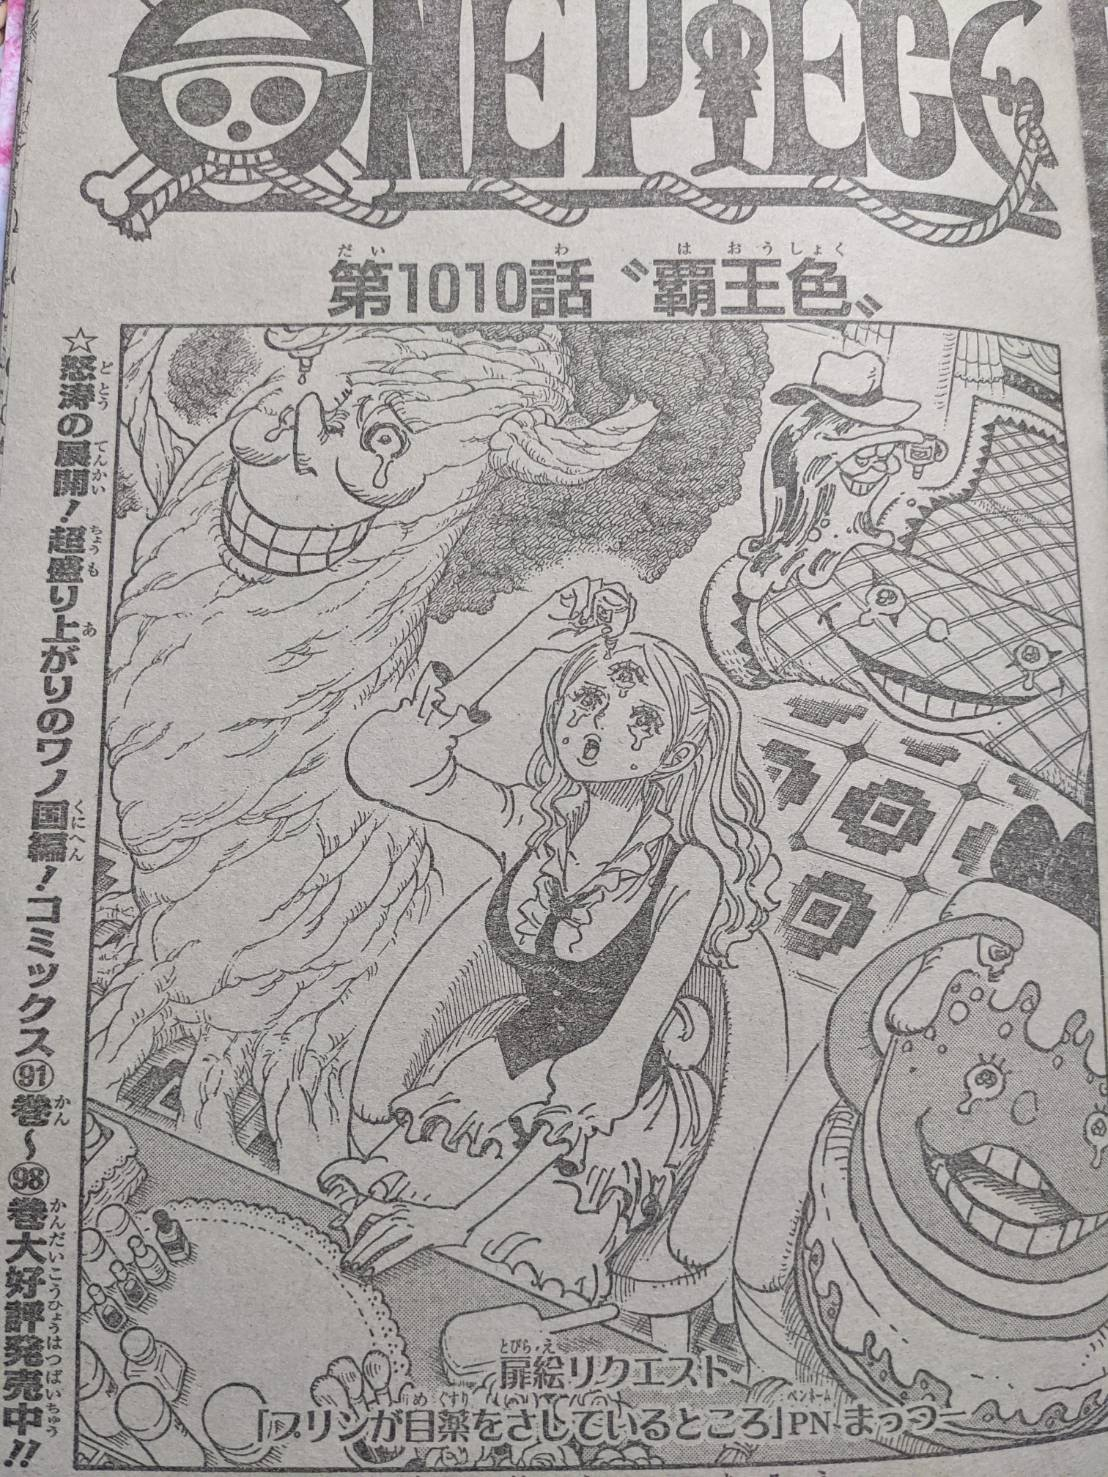 ワンピース1010話ネタバレ